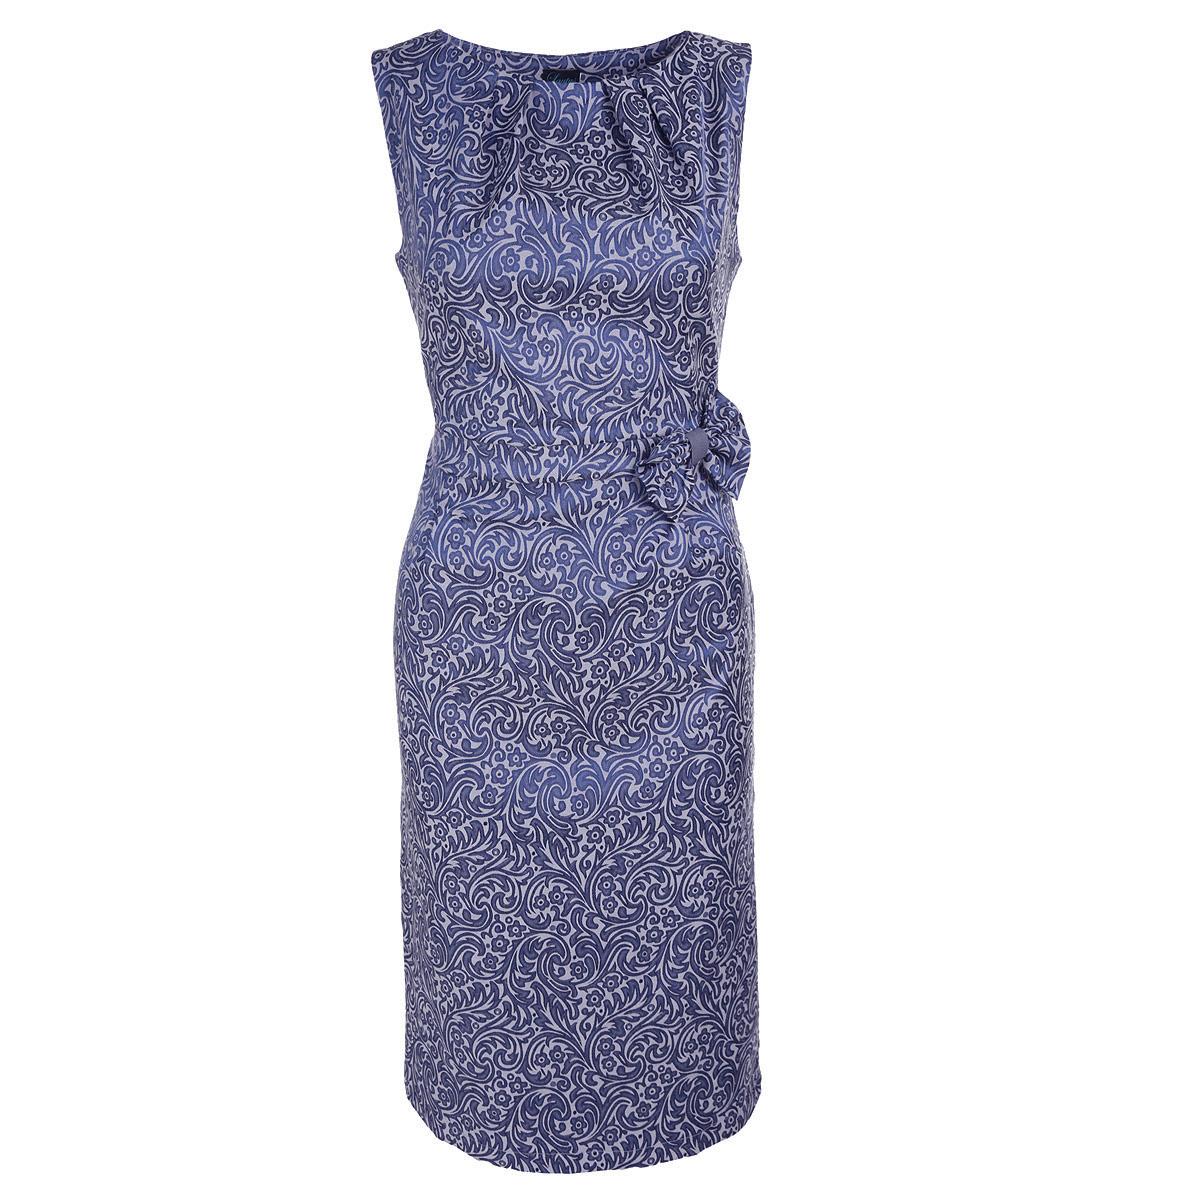 Платье Lautus, цвет: синий. 639. Размер 52639Очаровательное платье Lautus выполнено из высококачественного плотного материала с фактурным орнаментом. Модель приталенного силуэта с круглым вырезом горловины и без рукавов, на спинке застегивается на потайную молнию. Горловина спереди оформлена декоративными складками. Талия подчеркнута текстильным ремешком и декорирована бантом. Сзади в среднем шве предусмотрен небольшой разрез для удобства при ходьбе. Стильное платье - идеальный вариант для создания эффектного образа.